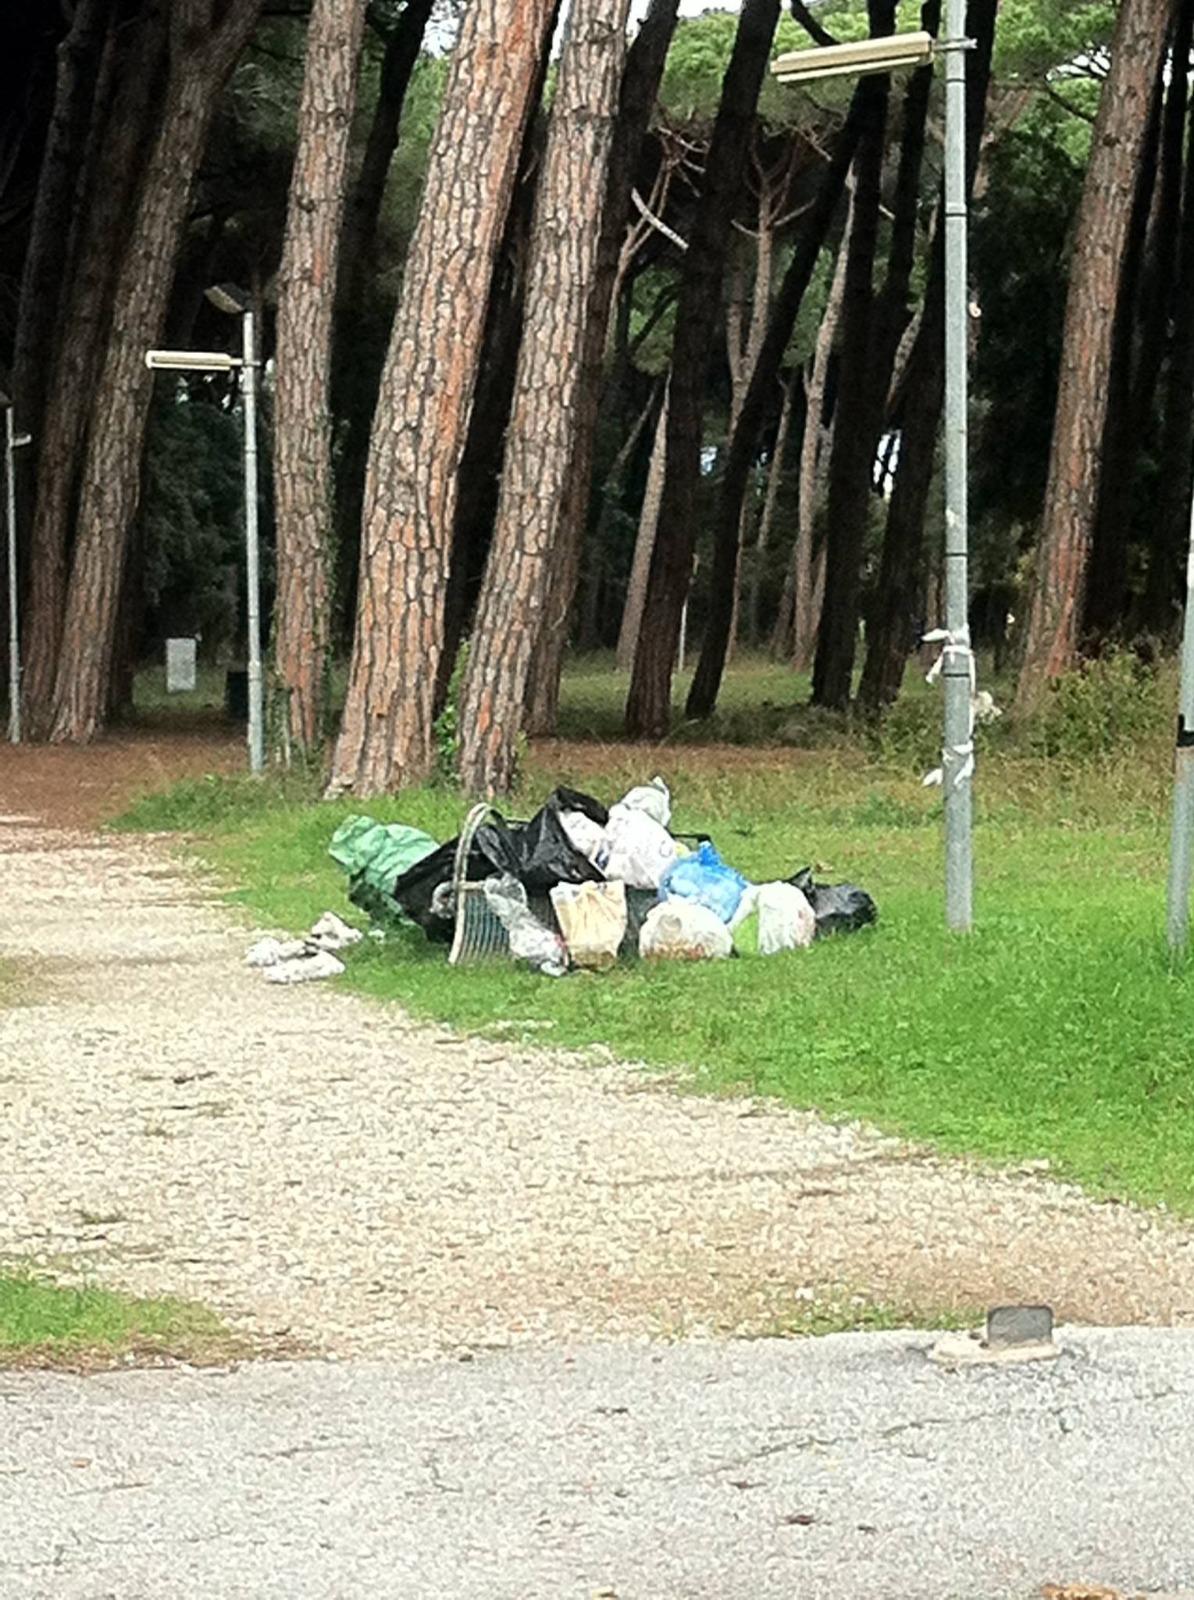 Sacchi di immondizia abbandonati sporcizia e degrado al marco polo cronaca cronaca viareggio - Sacchi di terra per giardino ...